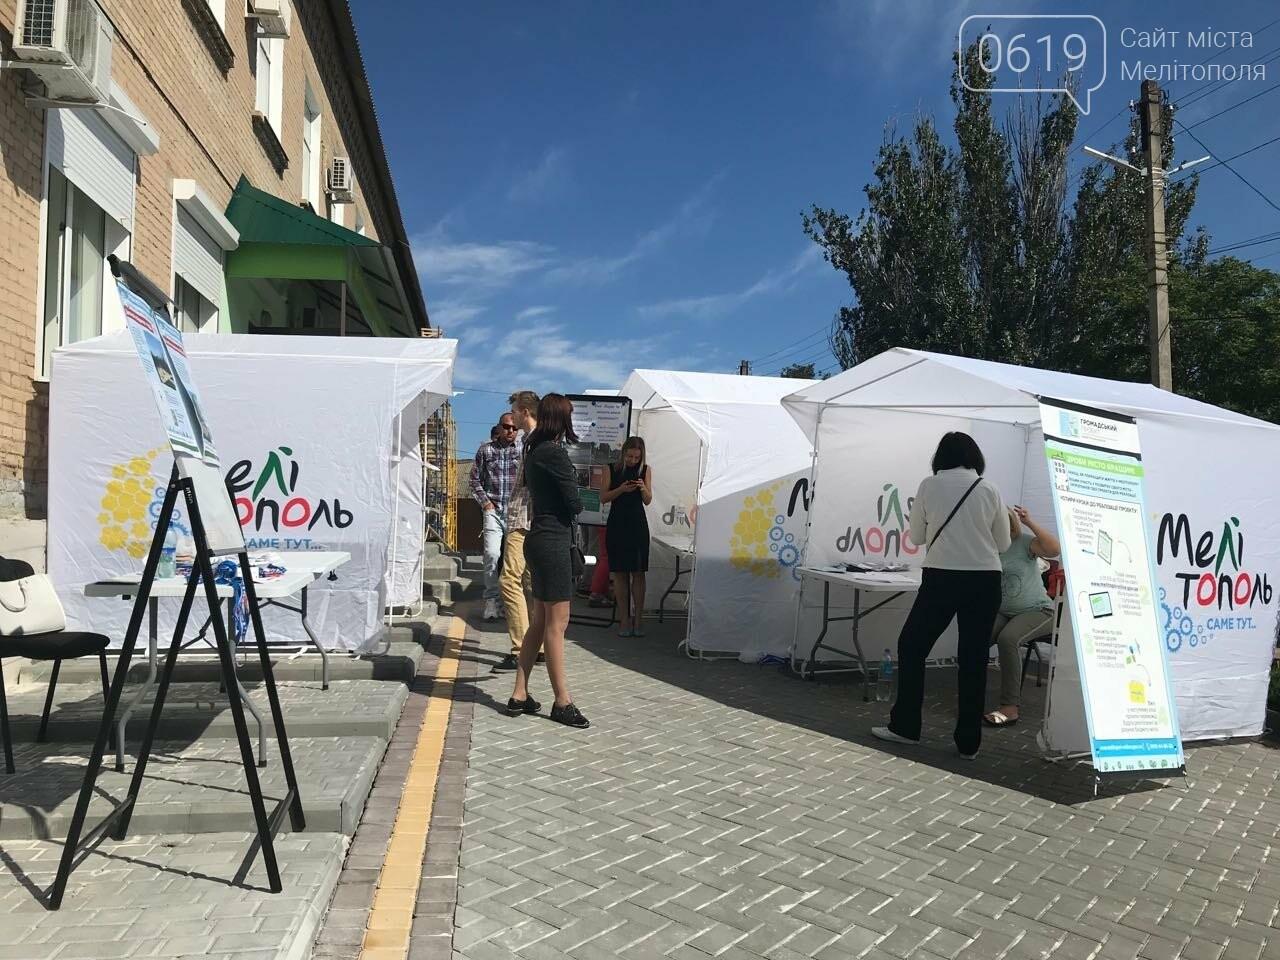 В Мелитополе проходит ярмарка общественных проектов, фото-1